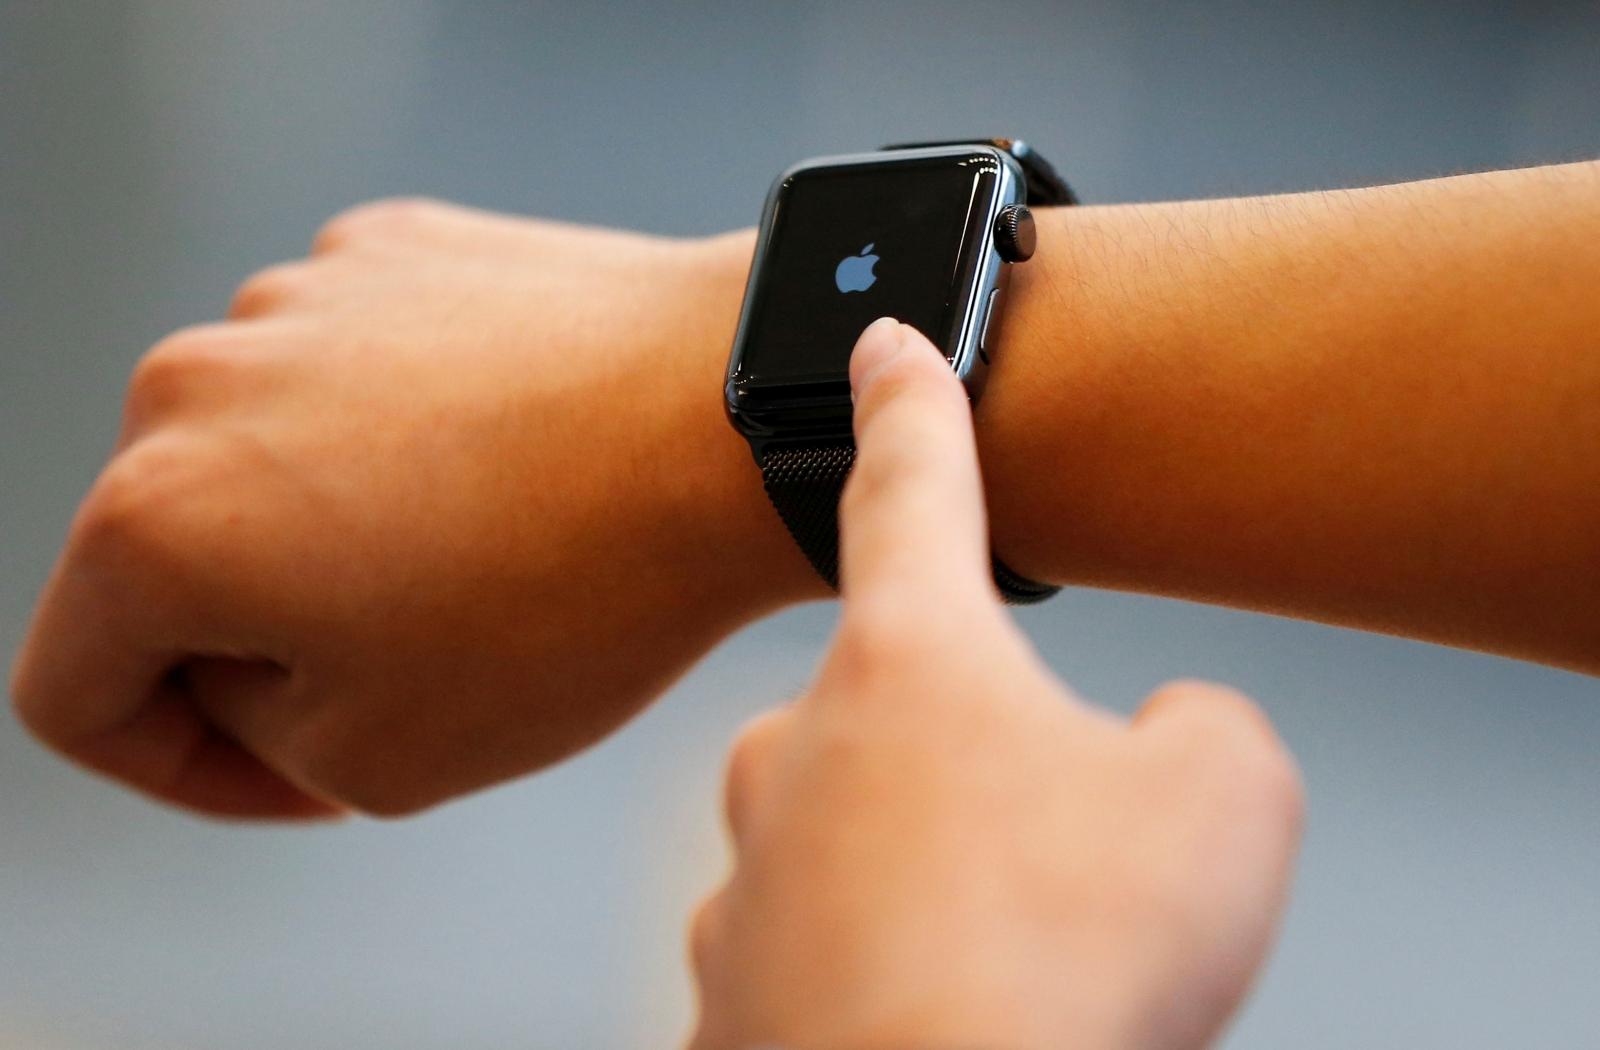 Apple Watch smartwatch sales figures